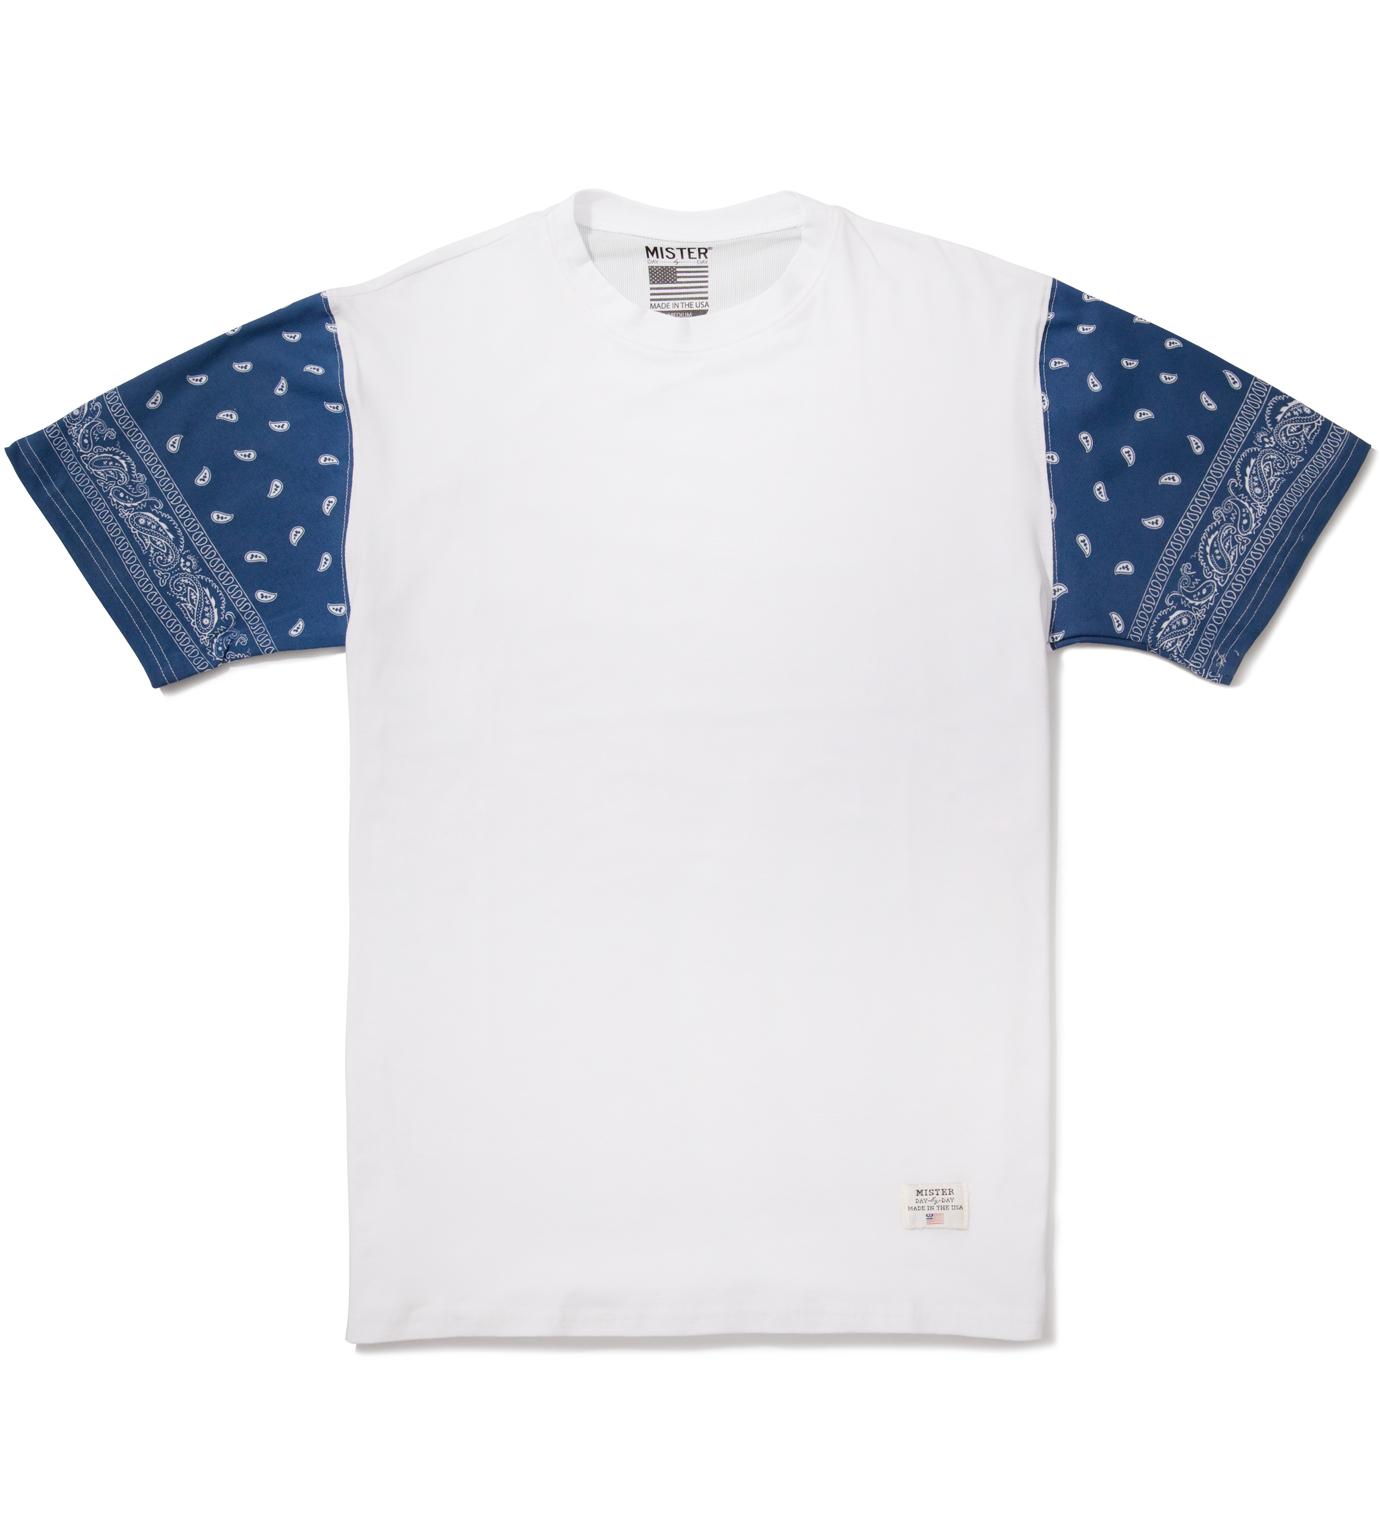 Mister White/Navy Print Mr. Bandana Immediate T-Shirt